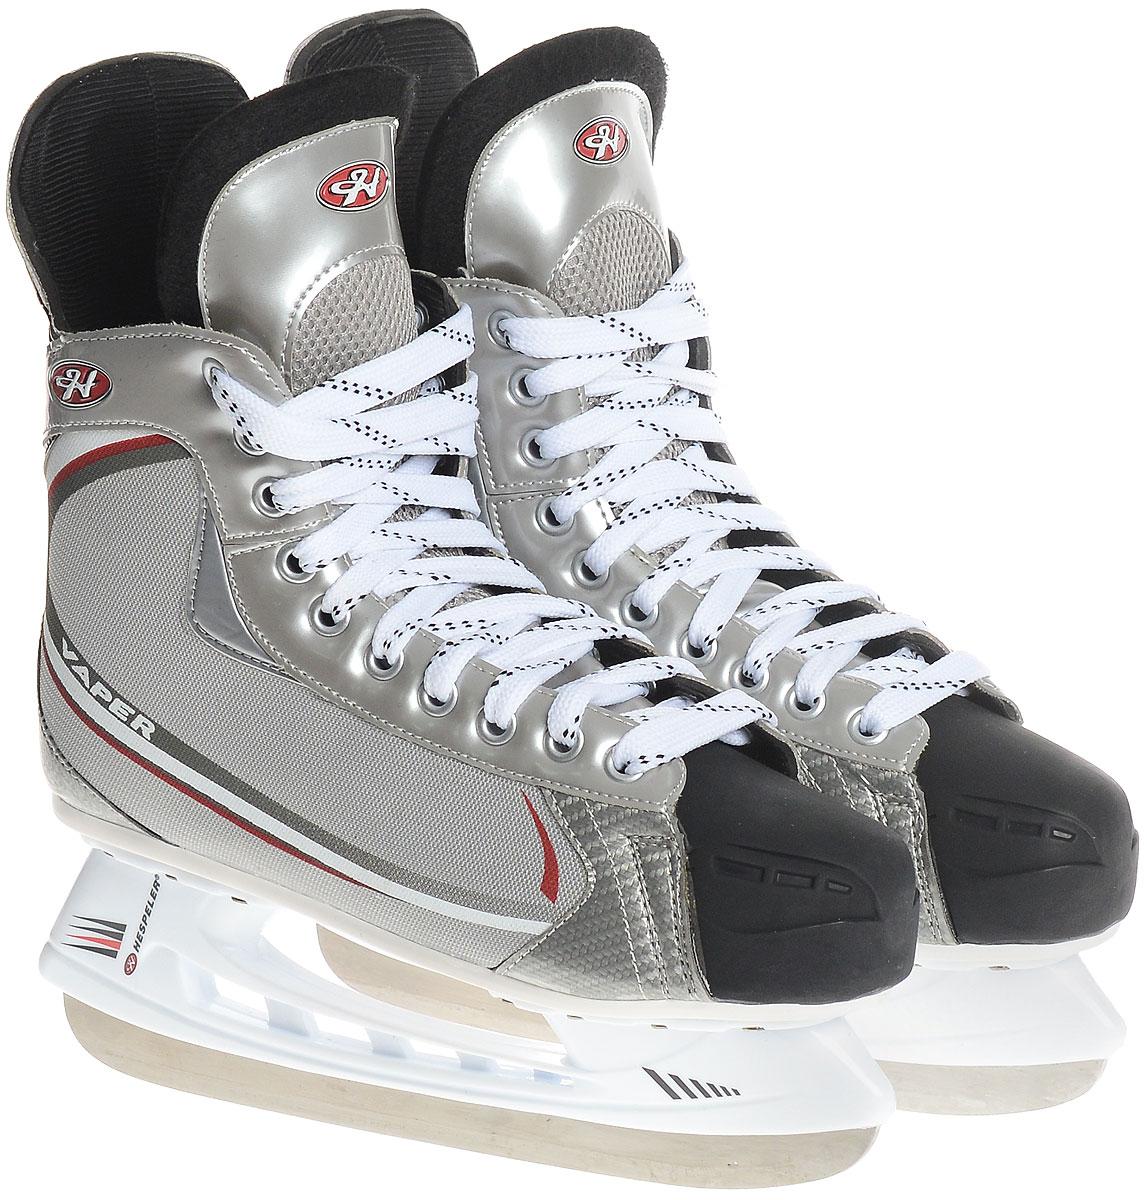 Коньки хоккейные мужские Hespeler Vaper, цвет: серый, белый, красный. Размер 44Vaper_серый, белый, красный_44Спортивные, облегченные хоккейные коньки с ударопрочной защитной конструкцией от Hespeler Vaper предназначены для соревнований и тренировок. Ботинки изготовлены из комбинации текстиля и морозостойкого полиуретана, который защитит ноги от ударов. Выполненные по всем необходимым стандартам, они имеют традиционную шнуровку с высоким задником и язычком, плотно обхватывающими ногу. Внутренняя часть и стелька выполнены из текстиля, а язычок - из войлока, который обеспечит тепло и комфорт во время катания. Прочные композитные вставки на носах выдержат даже сильные удары о бортик. Голеностоп имеет удобный суппорт. Изделие по бокам и на язычке декорировано оригинальным принтом и тиснением в виде логотипа бренда. Подошва - из твердого пластика. Лезвие изготовлено из стали со специальным покрытием, придающим дополнительную прочность. Стильные коньки придутся вам по душе.